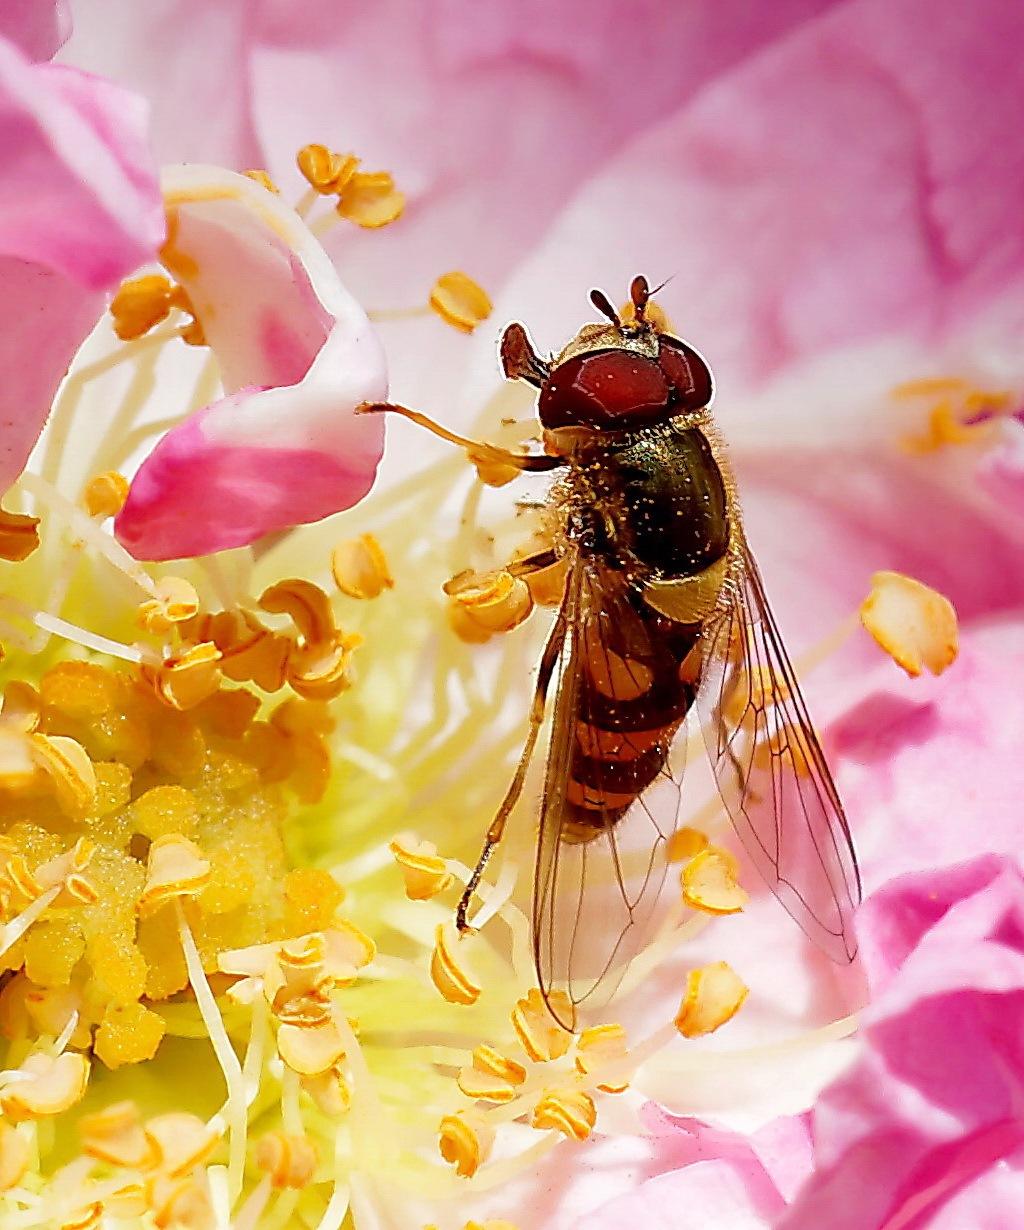 Recherche de pollen by BernardSerge